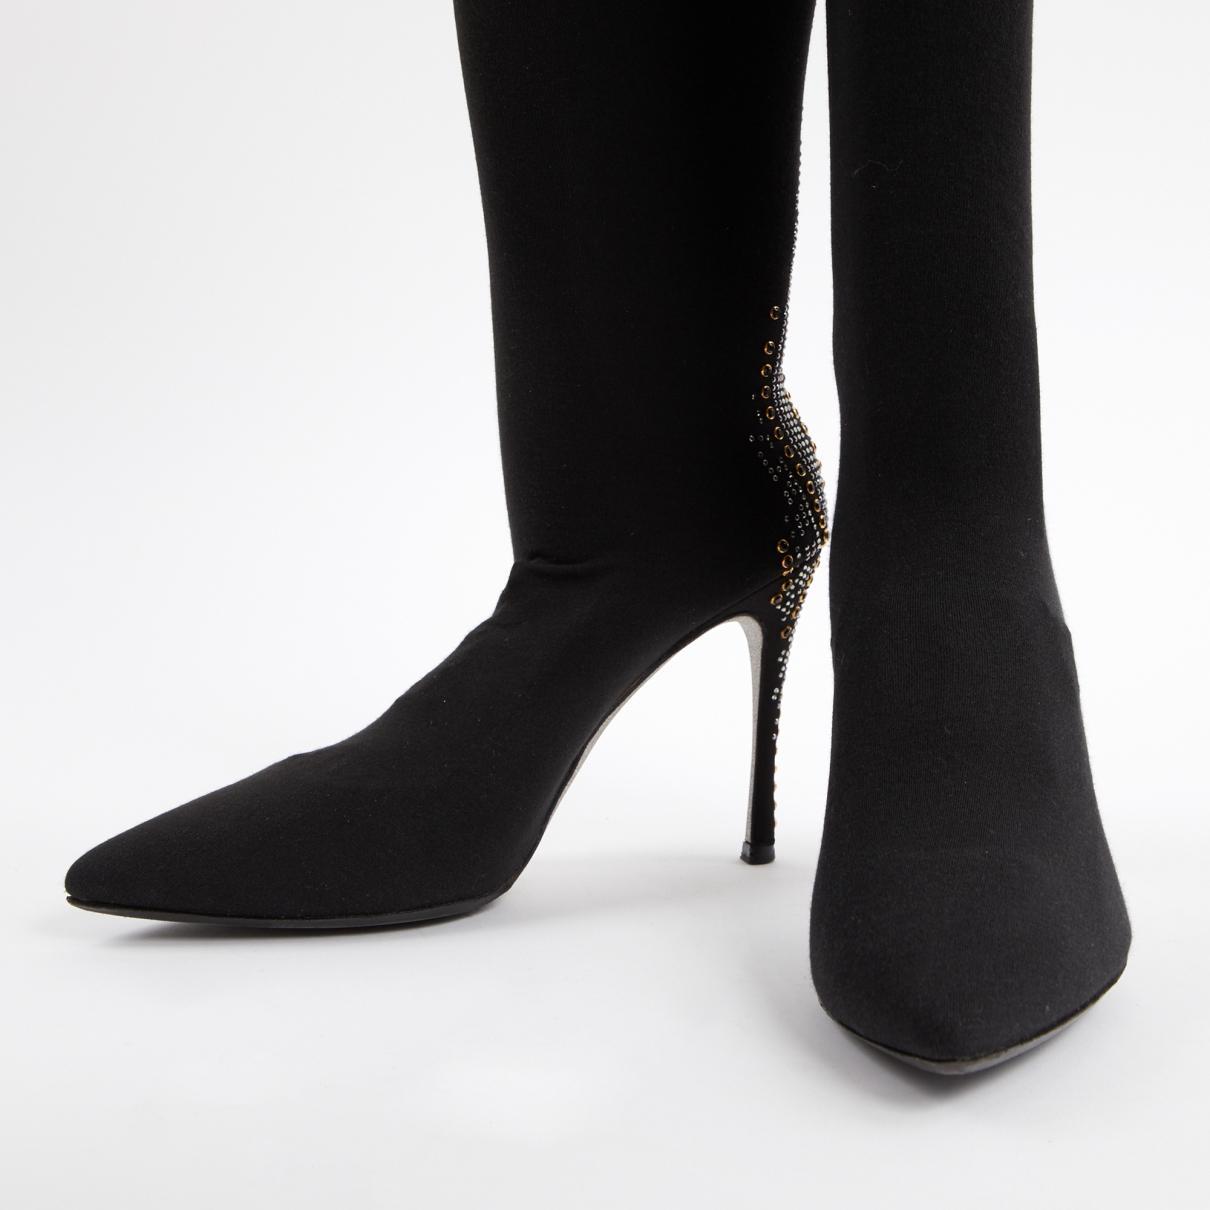 Botas de Lona Rene Caovilla de Cuero de color Negro